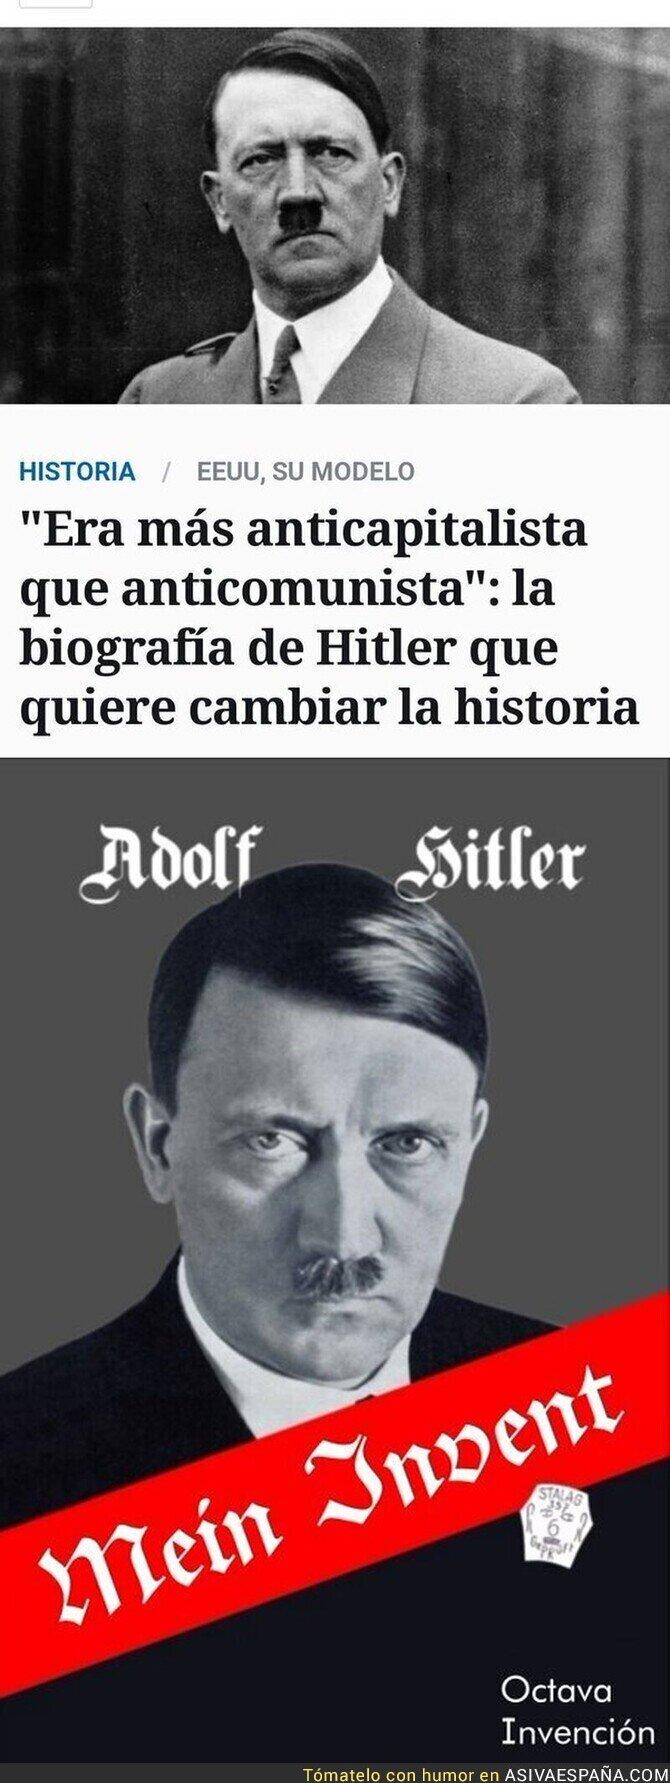 589707 - Blanqueando a Hitler